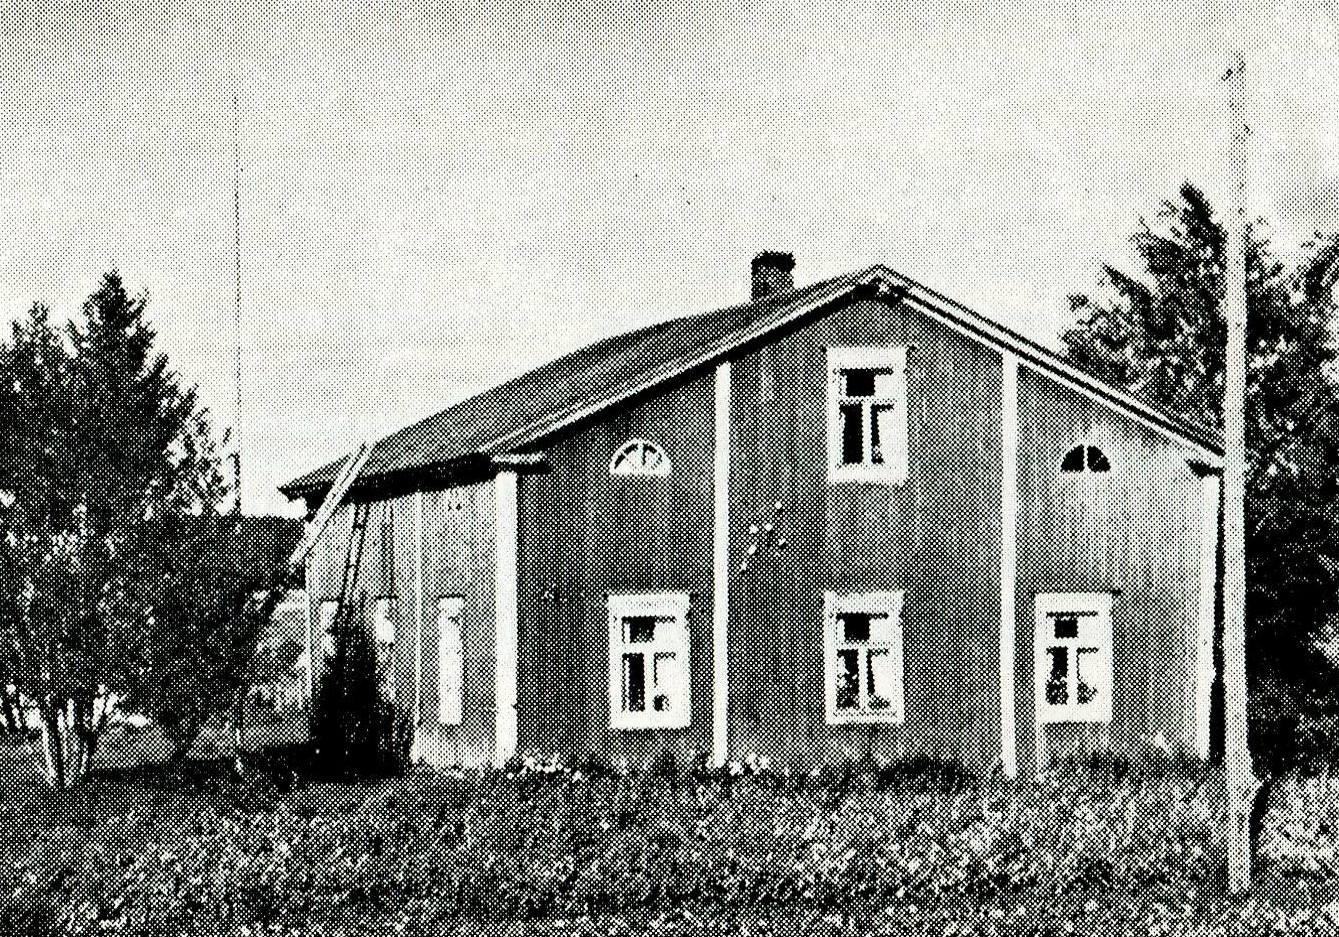 Hyypän talo 1953 - Valokuvaaja E Alakönni